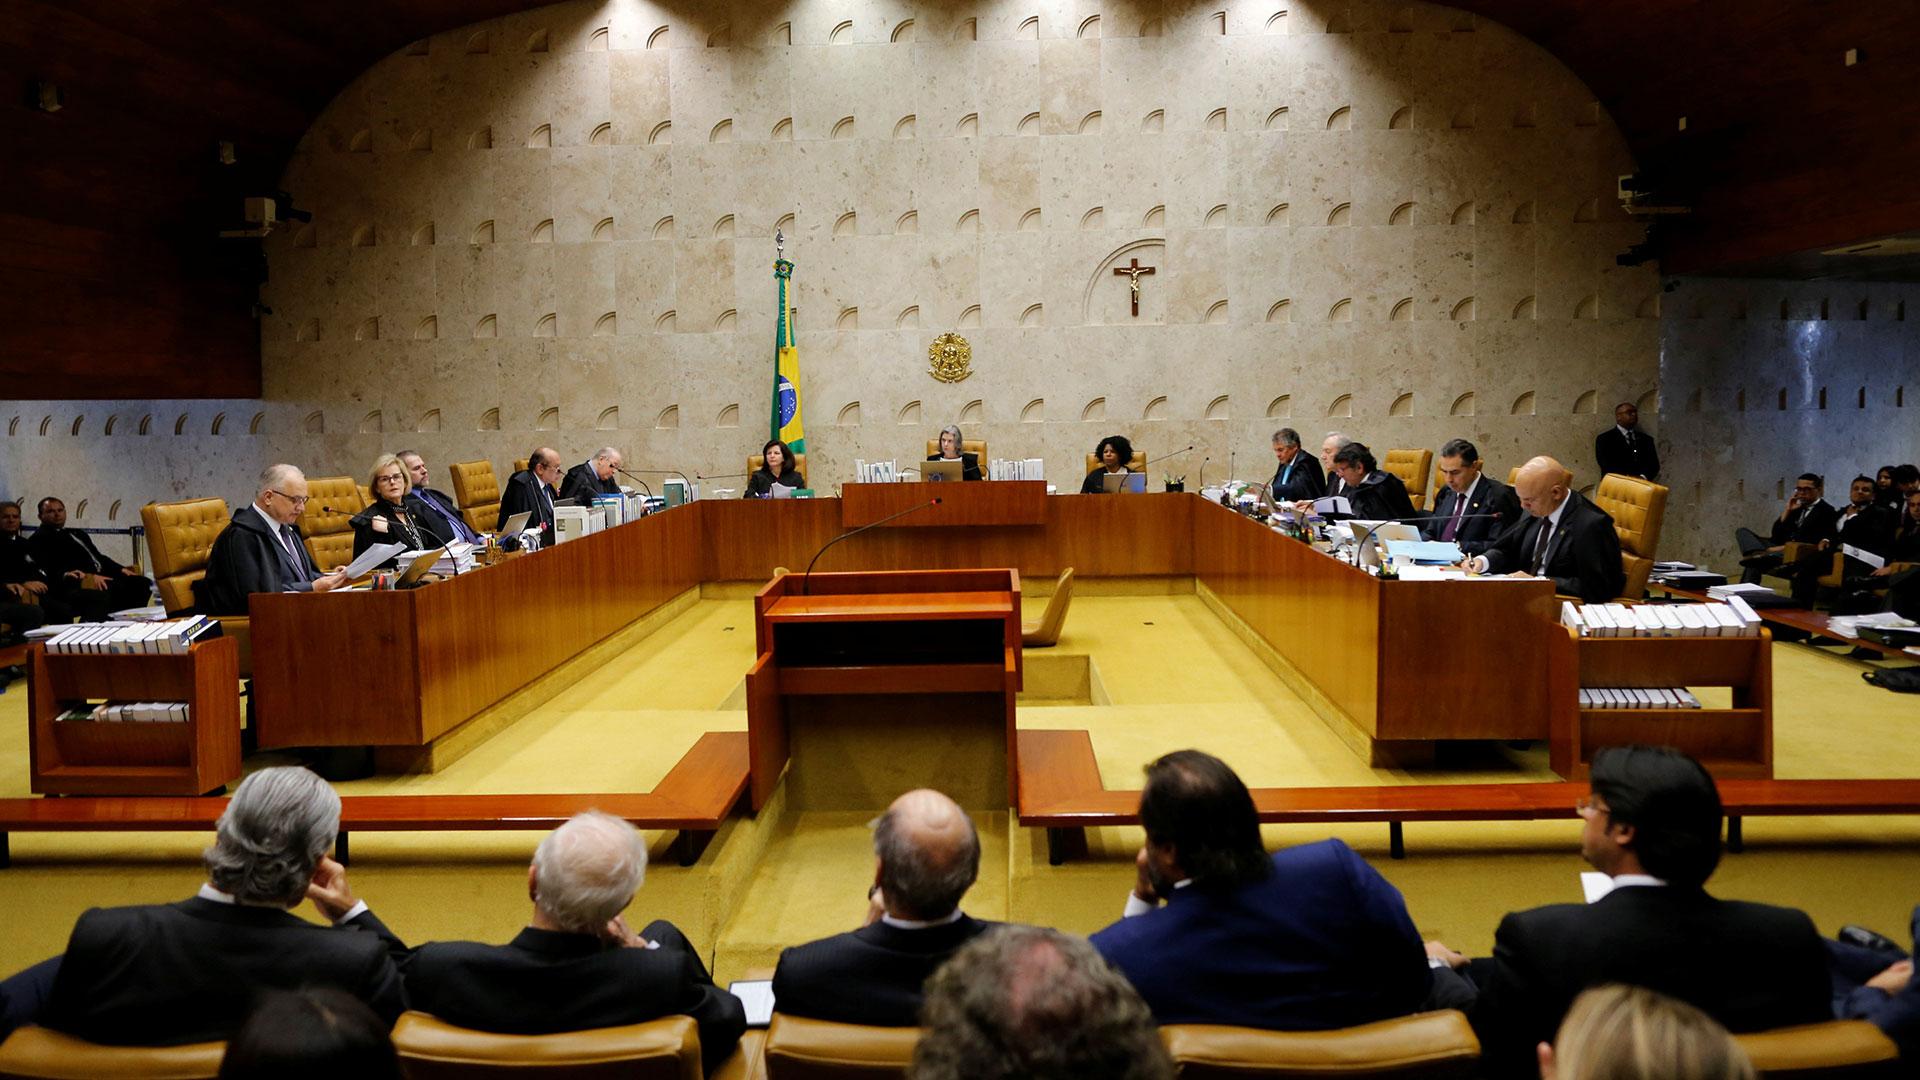 Fiscales que juzgaron a Lula se mofaron de la muerte de su esposa, hermano y nieto